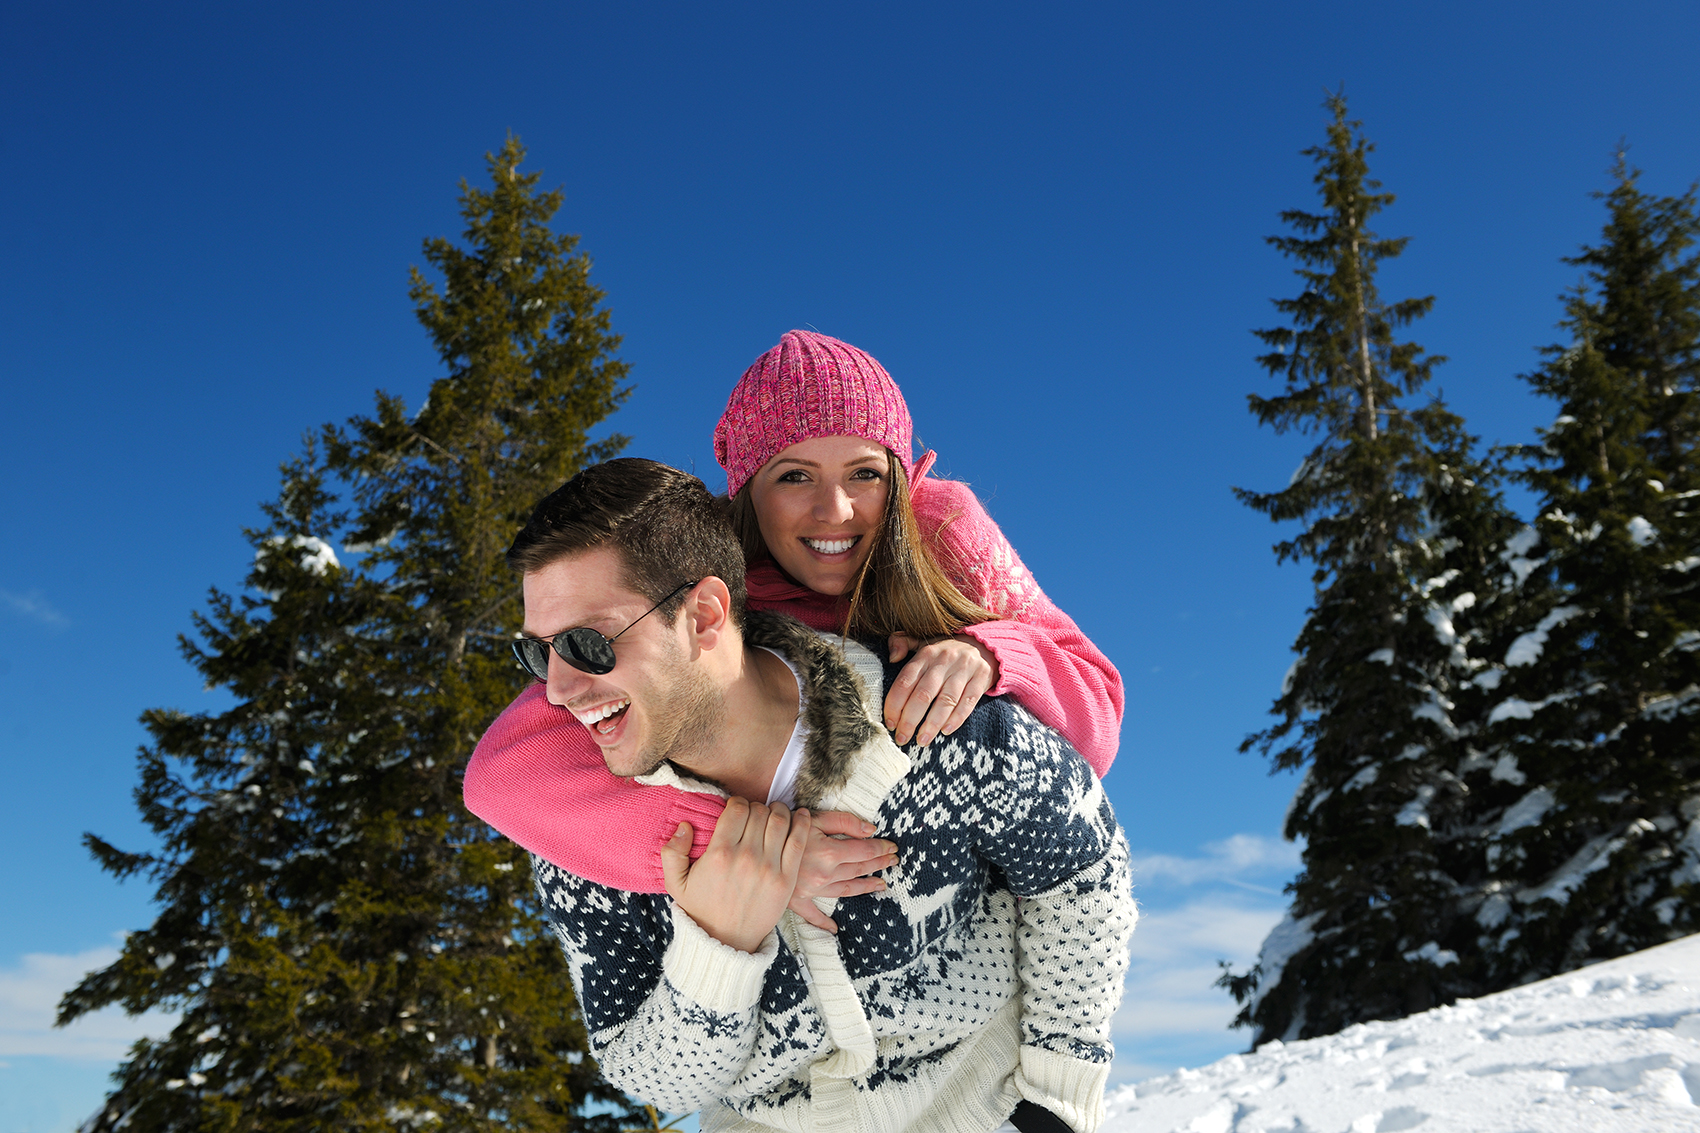 Paarshooting-Fotoshooting-Chiemgau-Chiemsee-Rosenheim-Prien-Berge-Alpen-Schnee